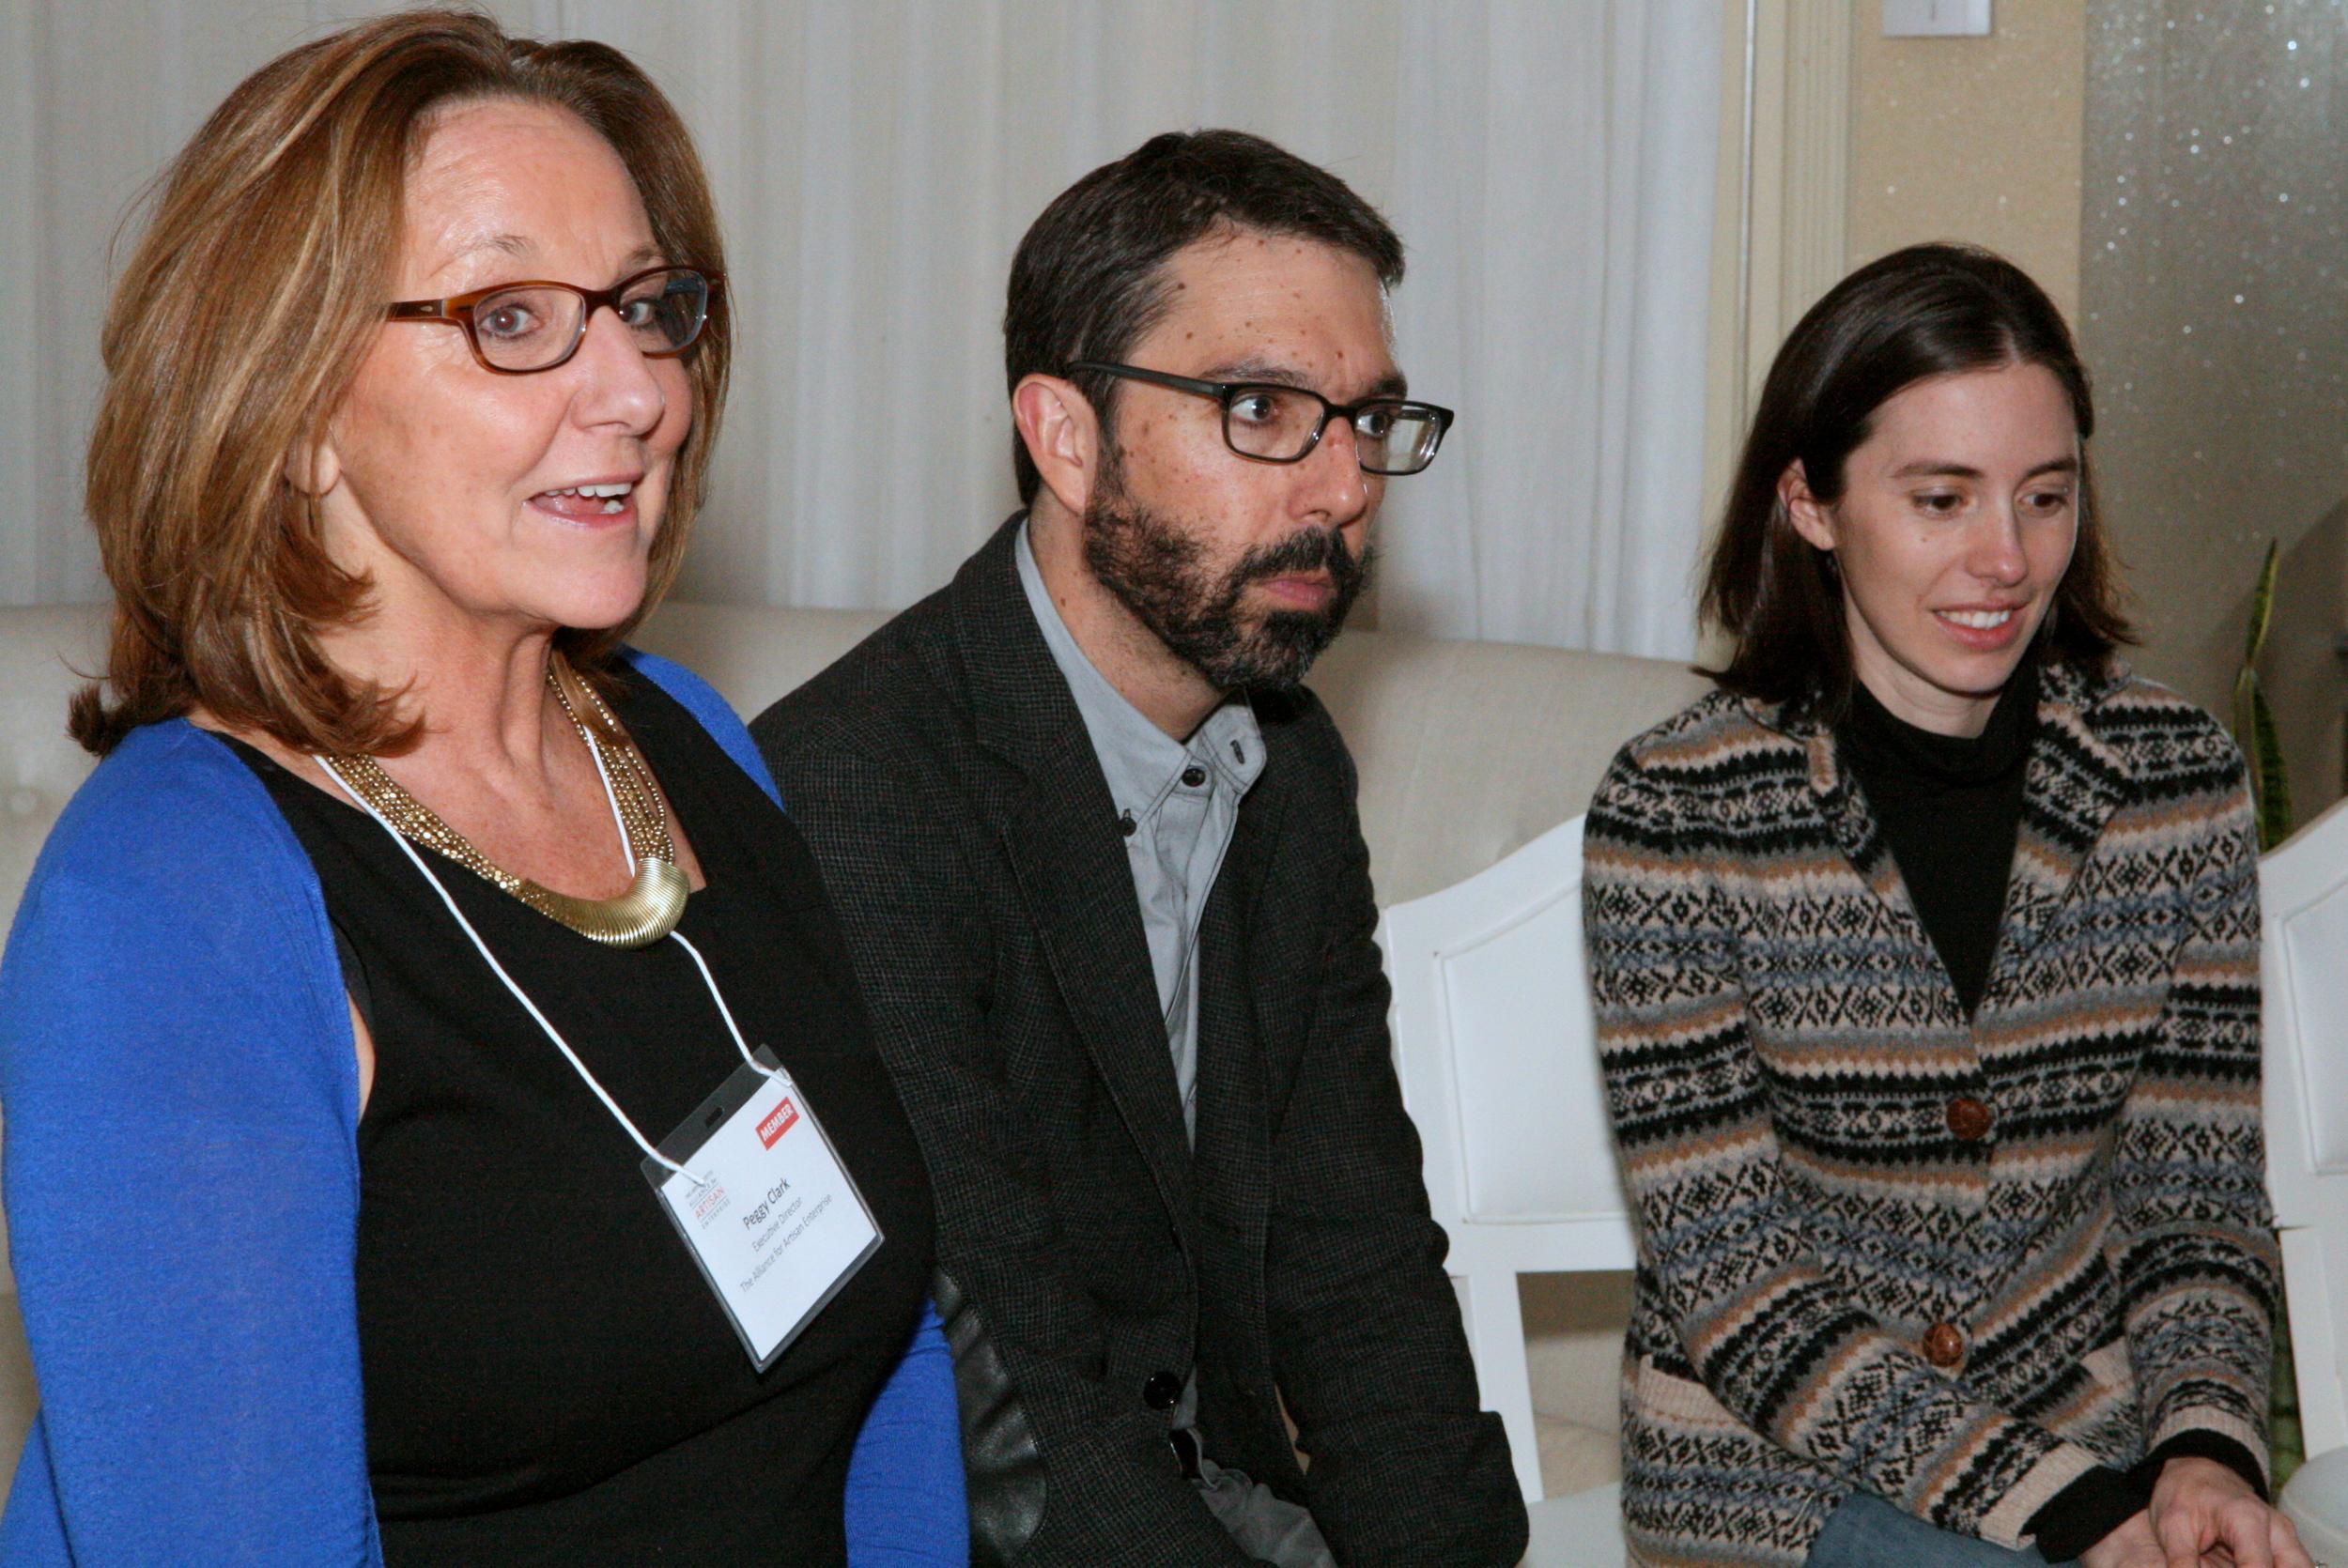 The evening's panel: Peggy Clark, Paul van Zyl & Rebecca van bergen